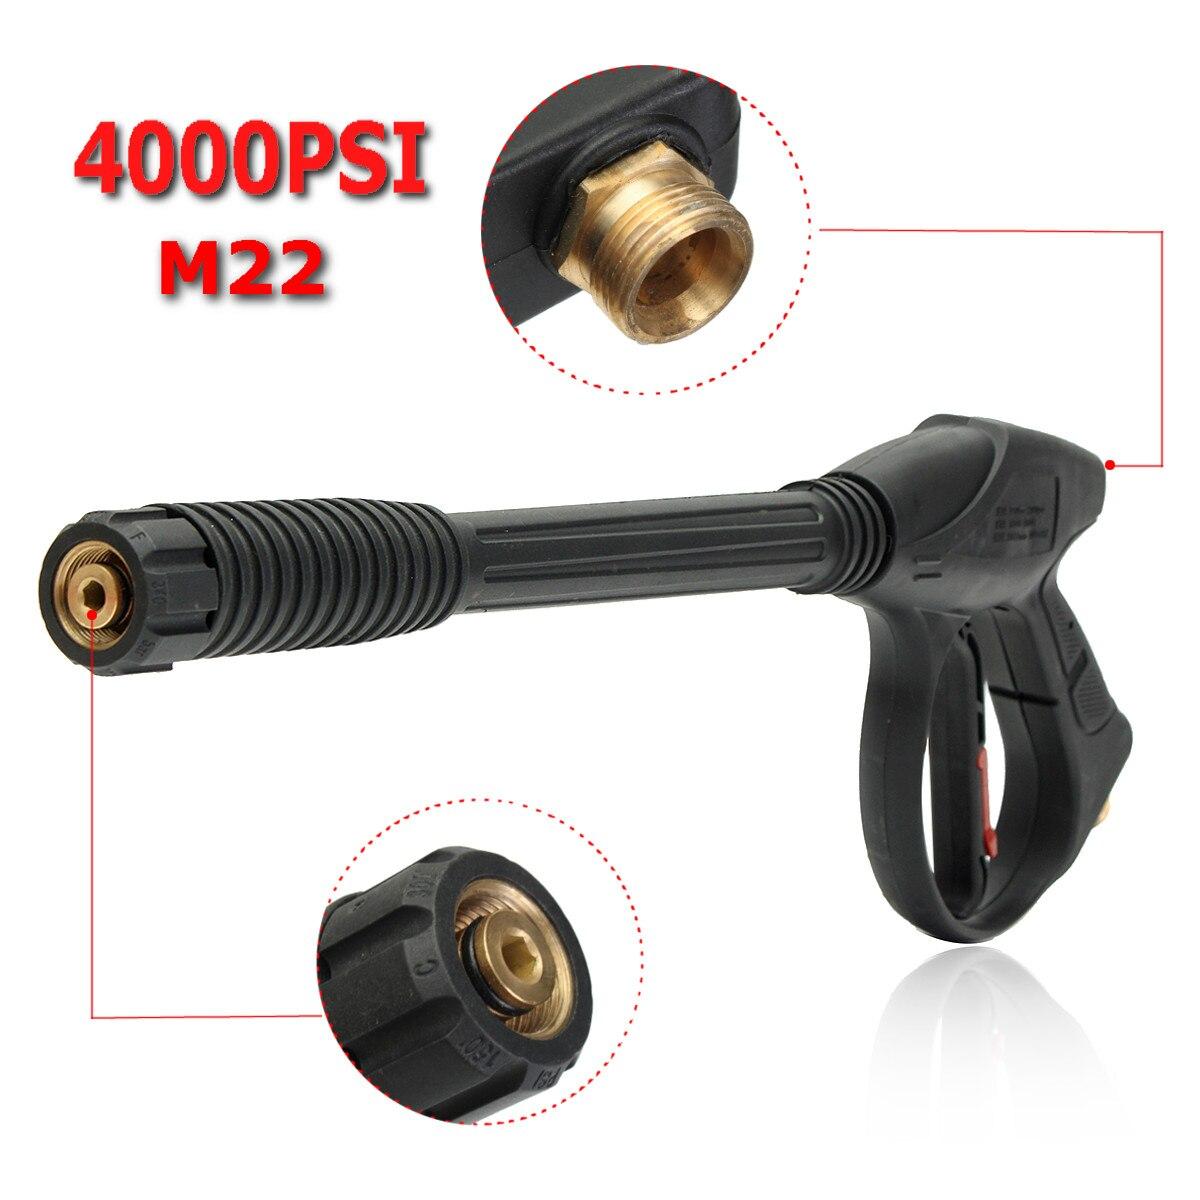 4000psi M22 High Pressure Spray G Un Spraying Washer Extension